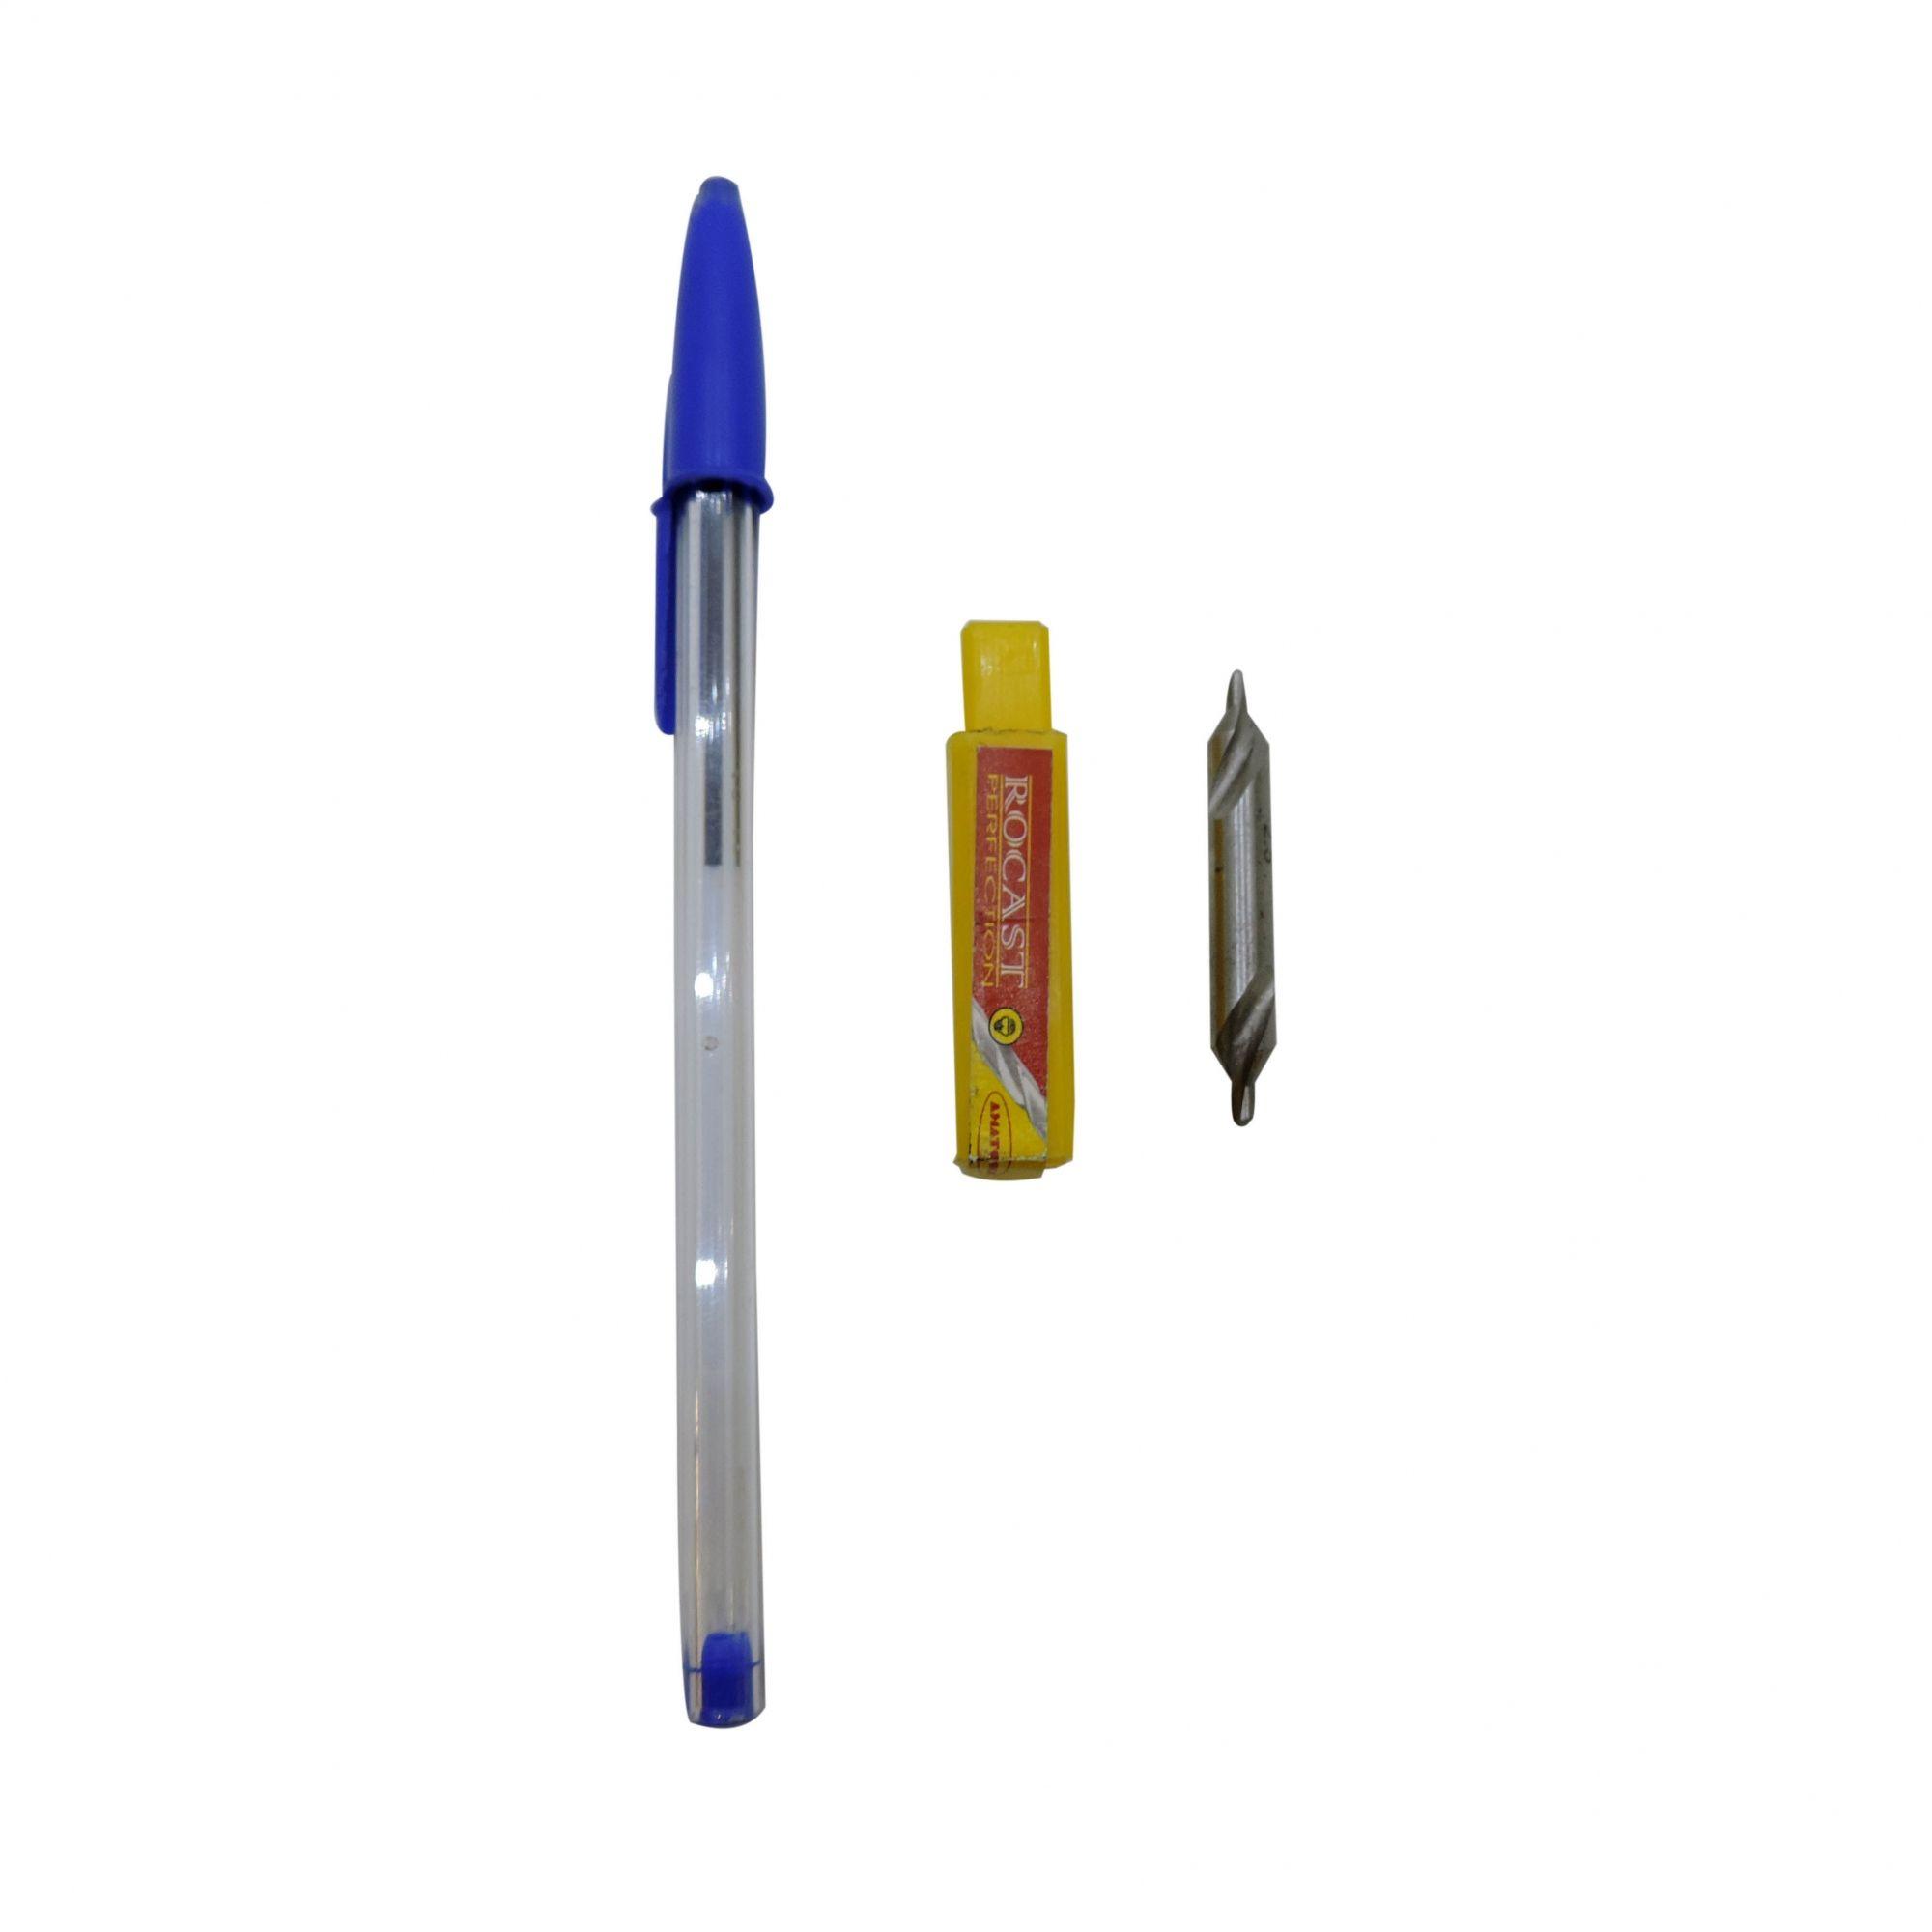 Broca de Centro em Aço Rápido - Rocast - HSS 2mm